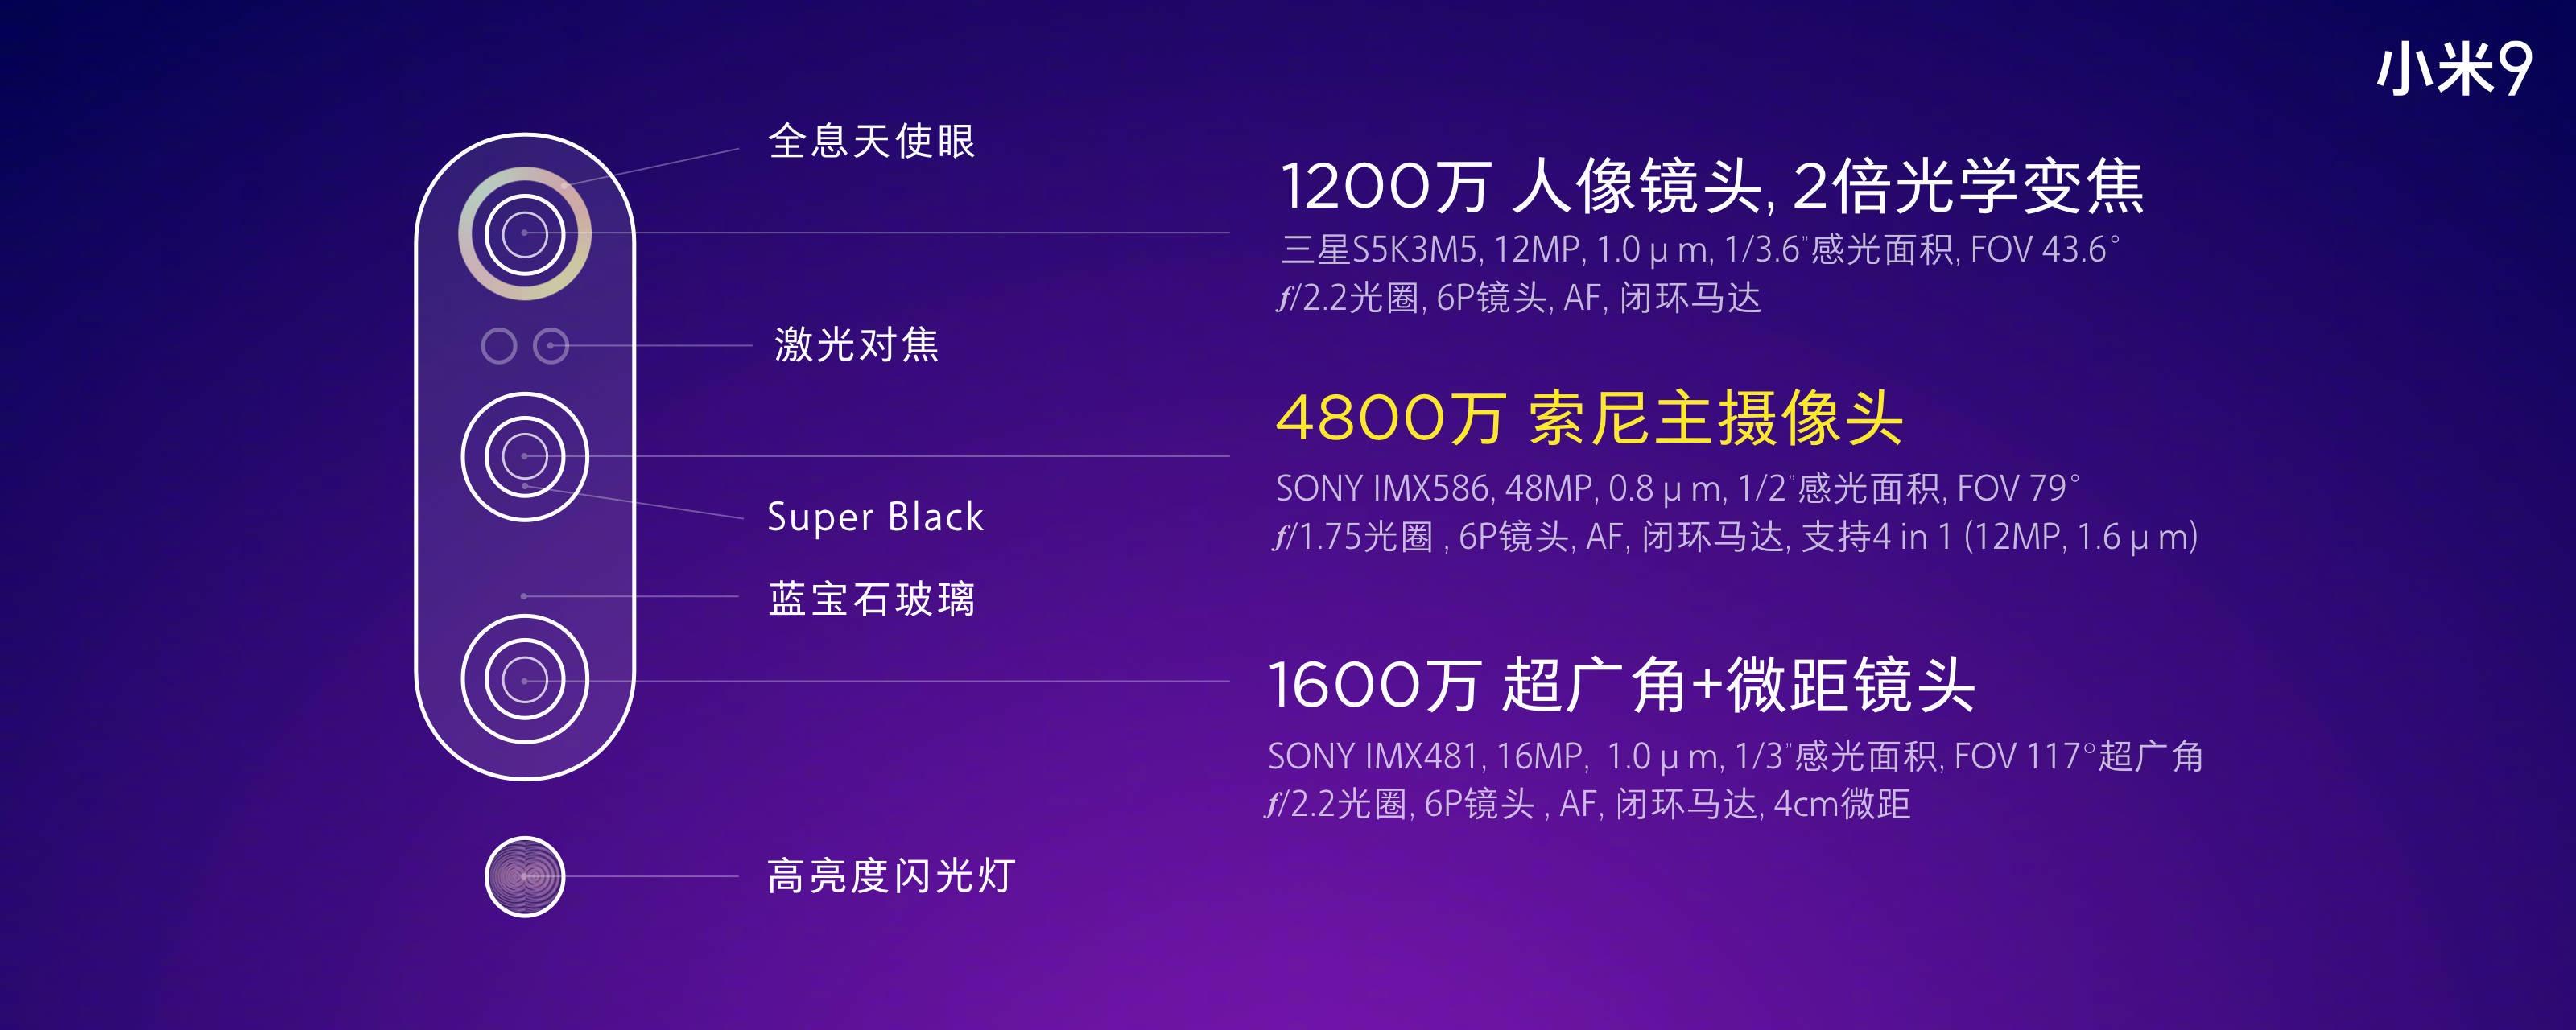 Xiaomi Mi 9 características y precio noticias xiaomi adictos xiaomiadictos